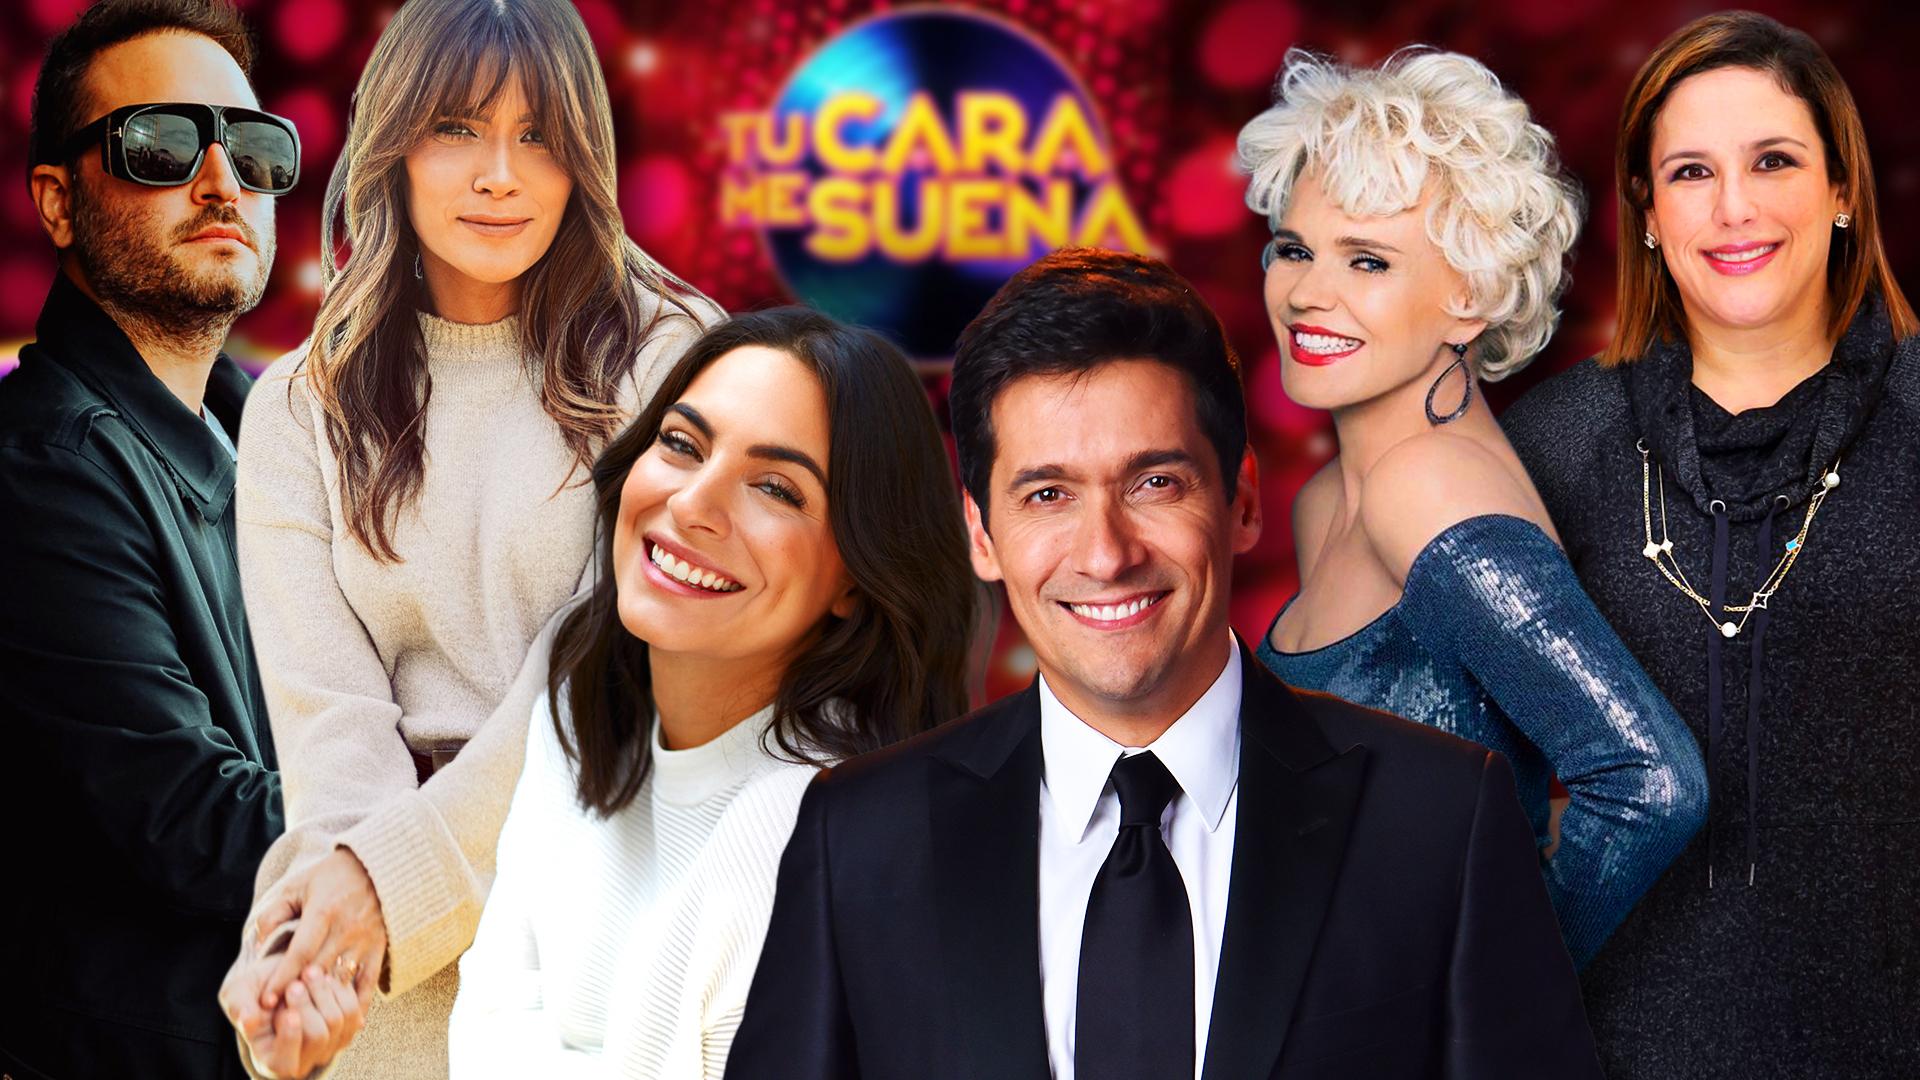 Ellos Son Los Conductores Y Jurado De Tu Cara Me Suena El Nuevo Show Dominical De Univision Realities Tu Cara Me Suena Univision